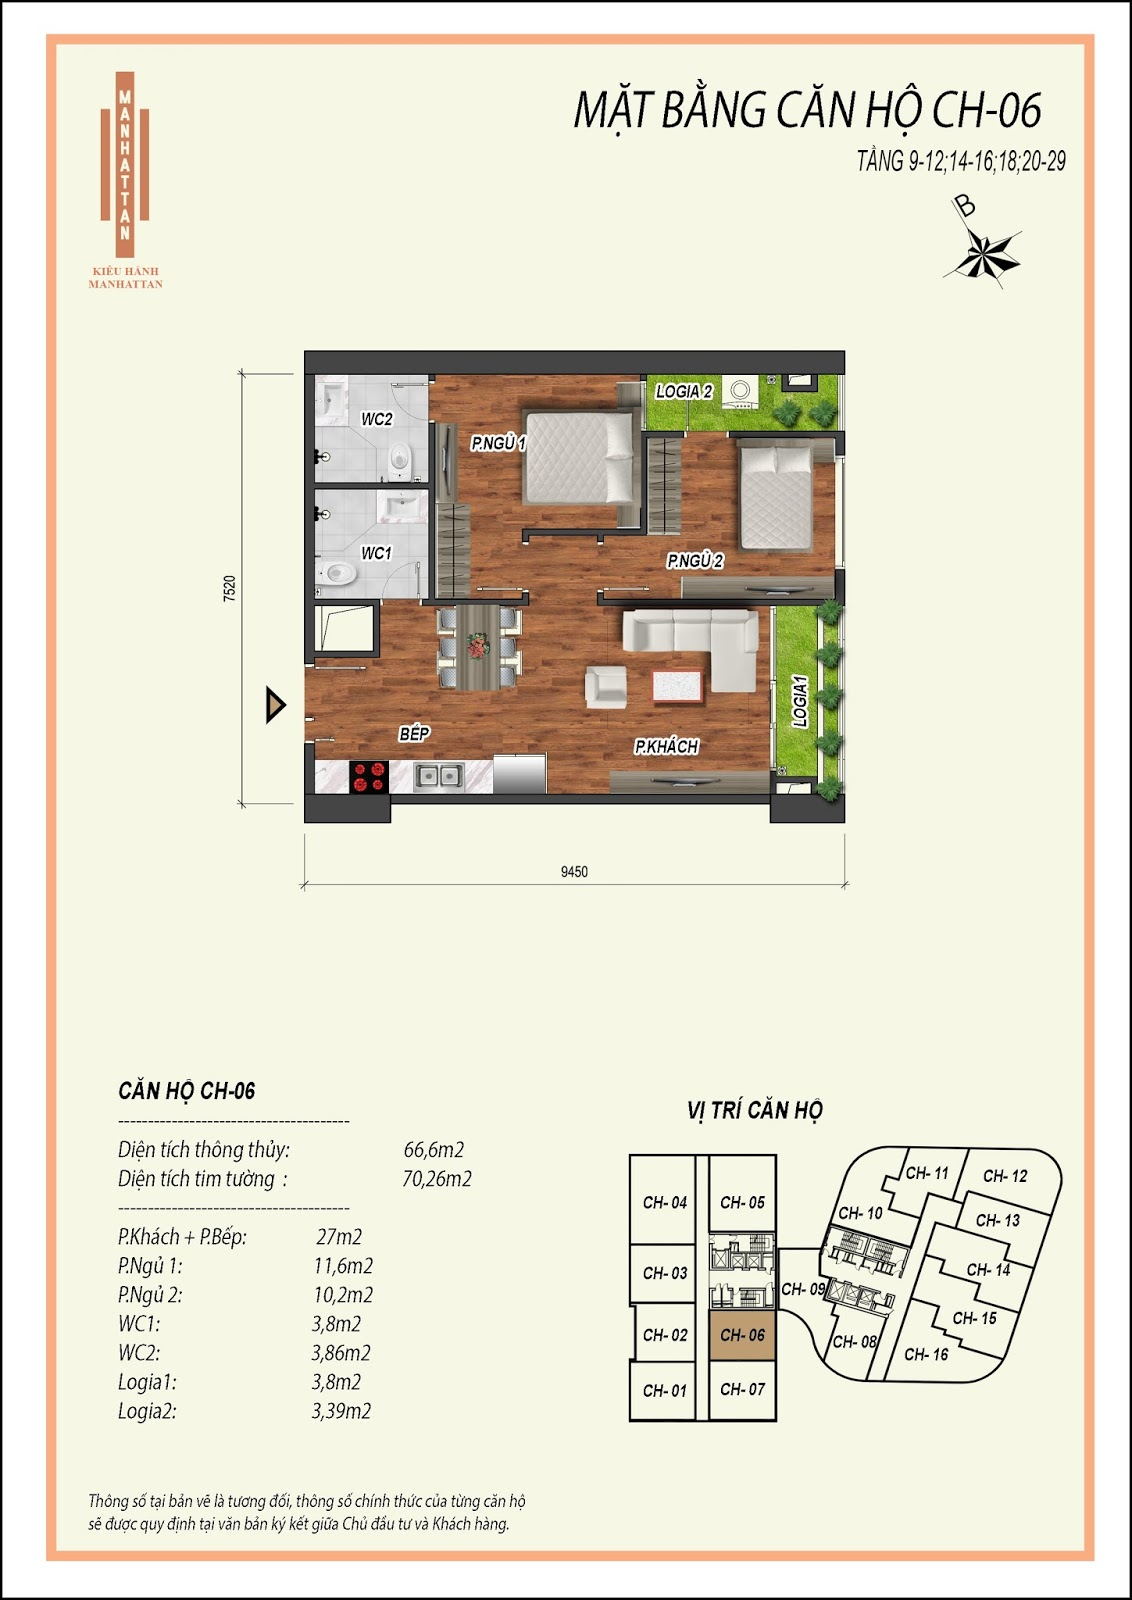 Thiết kế căn hộ 06, diện tích 66,6m2, có 02 phòng ngủ